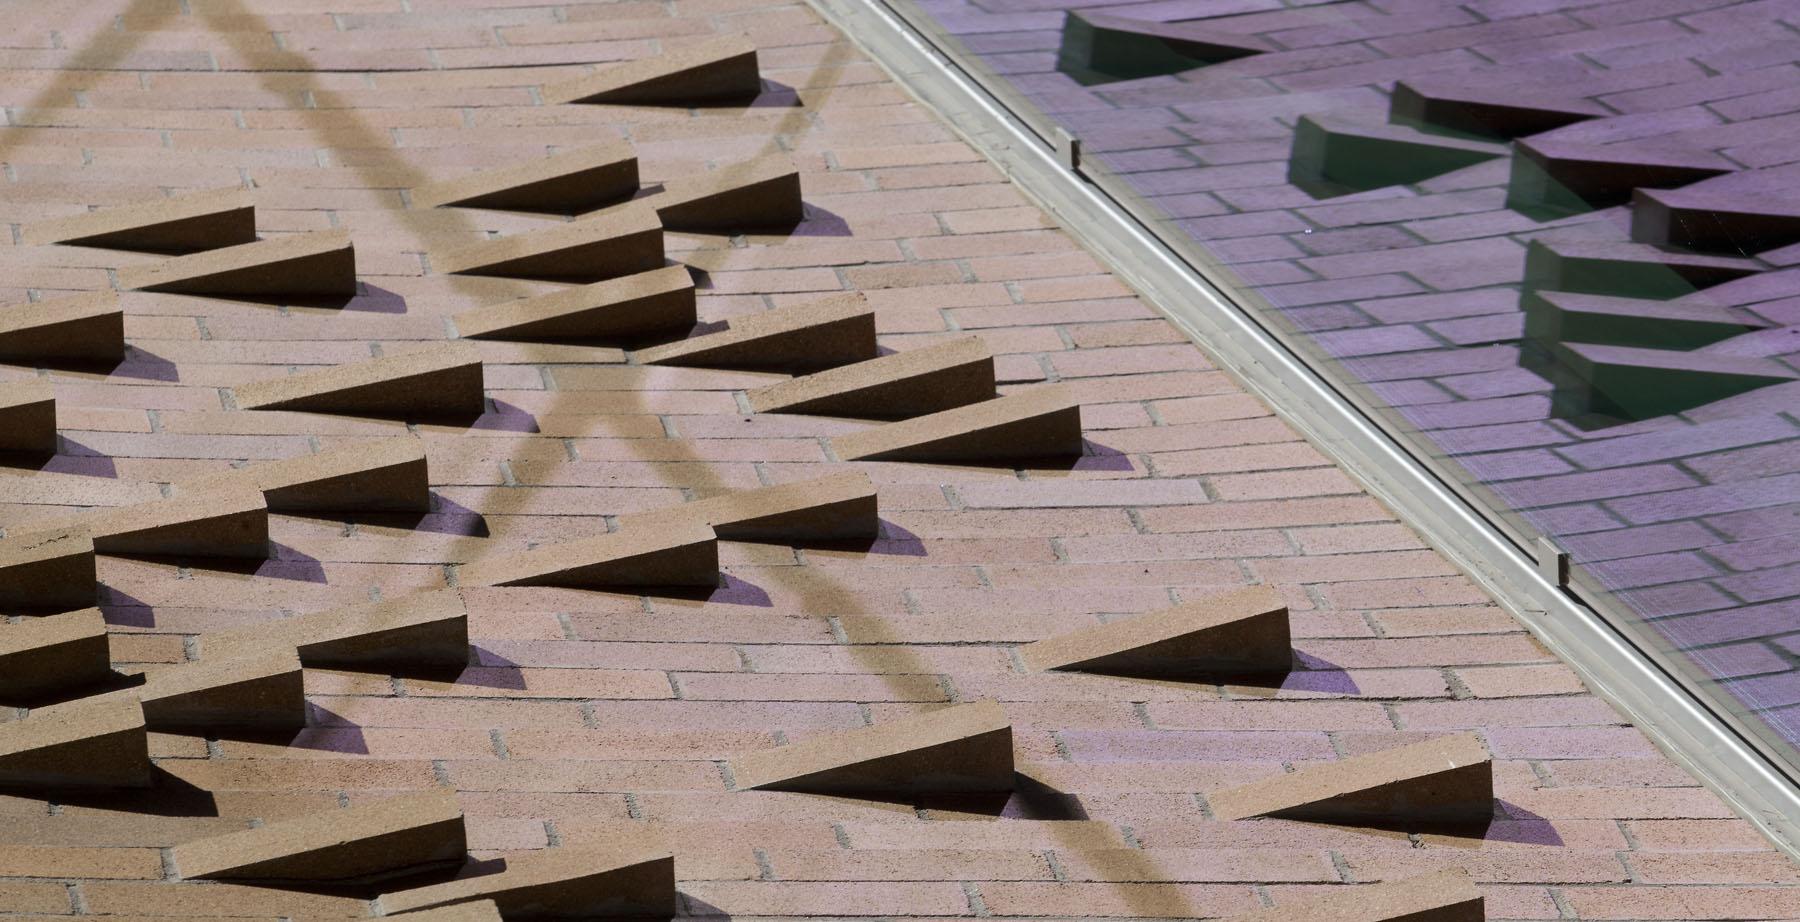 Detail photo of 'k-bricks' and undulating brickwork.